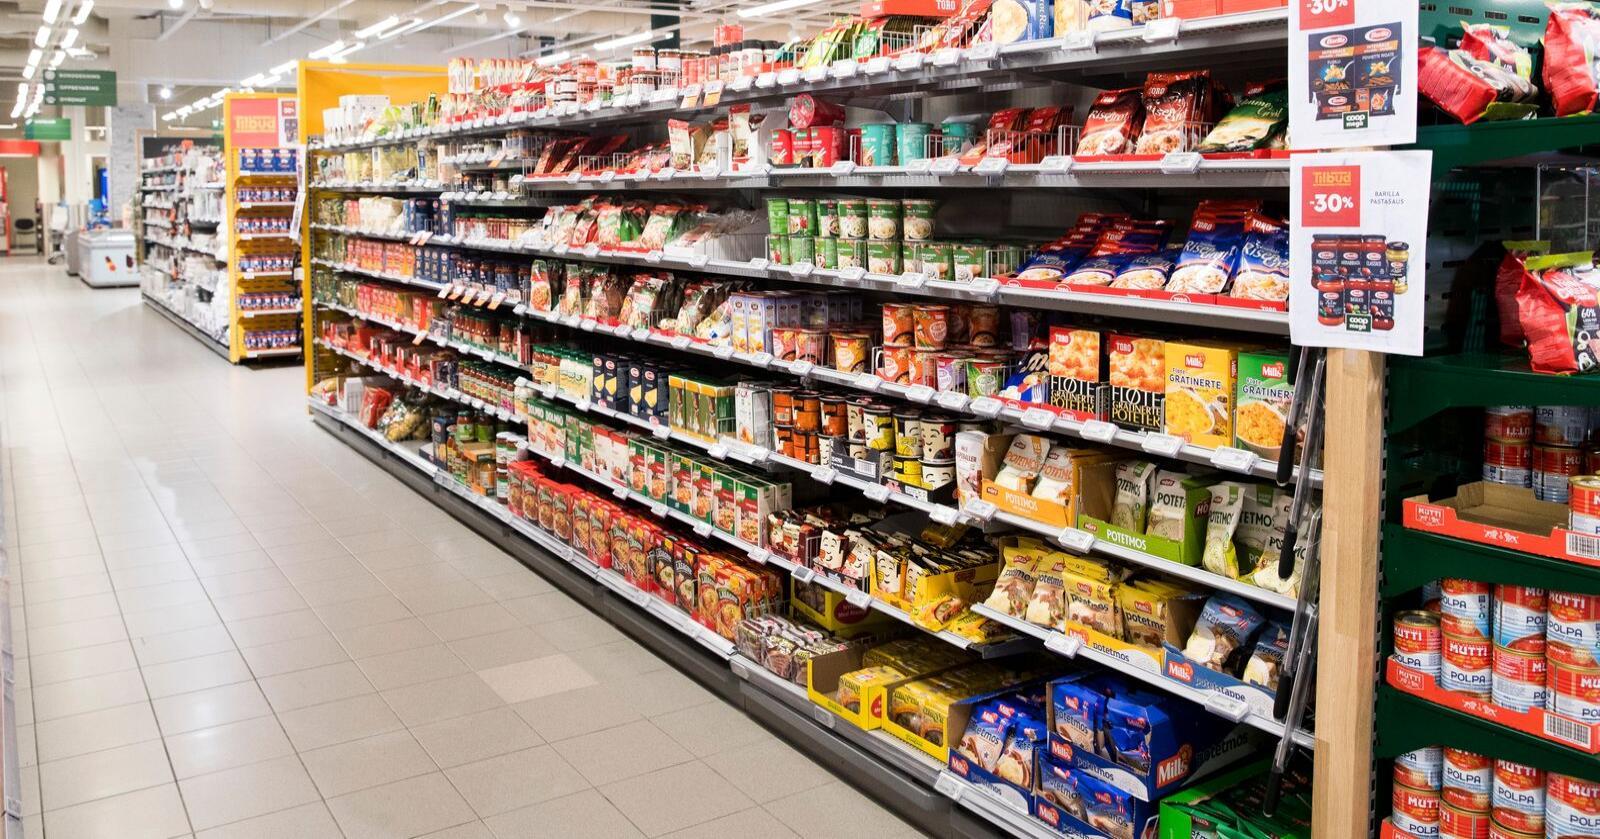 Både Coop og Rema er for et forbud mot prisdiskriminering fordi de mener et vil bedre konkurransen i dagligvaremarkedet. Foto: Terje Pedersen / NTB scanpix